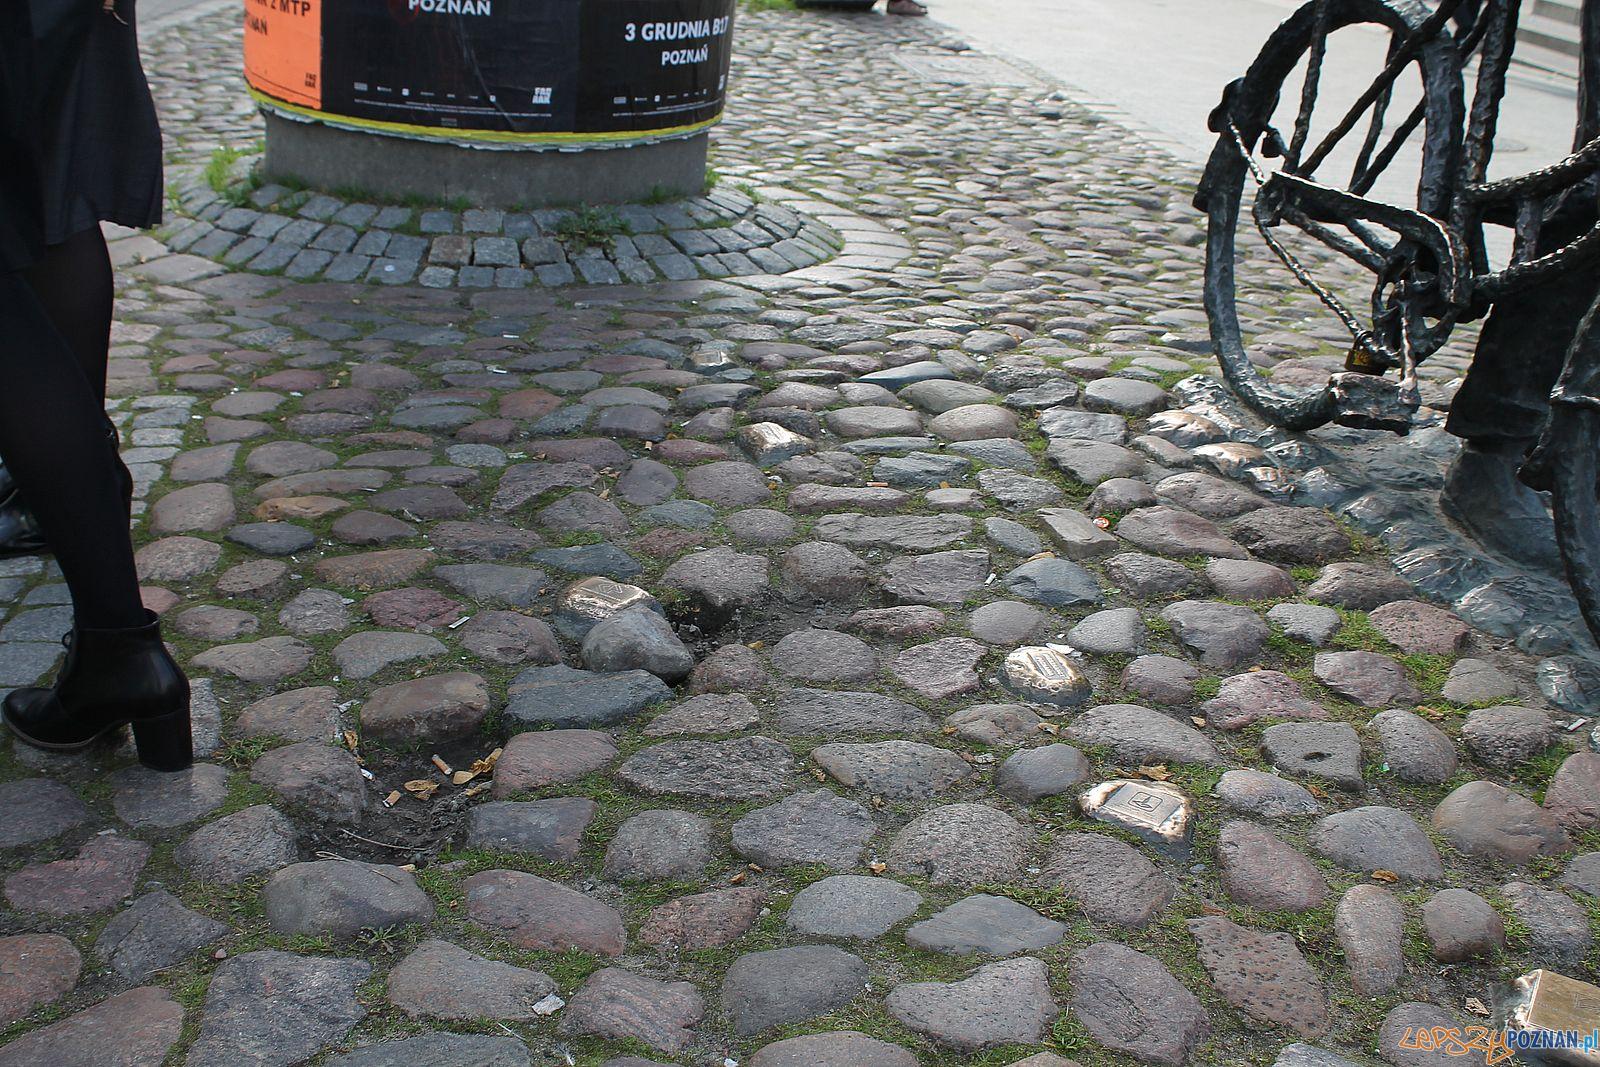 Stary Marych nieporządek wokól pomnika (6)  Foto: T. Dworek / ROSM